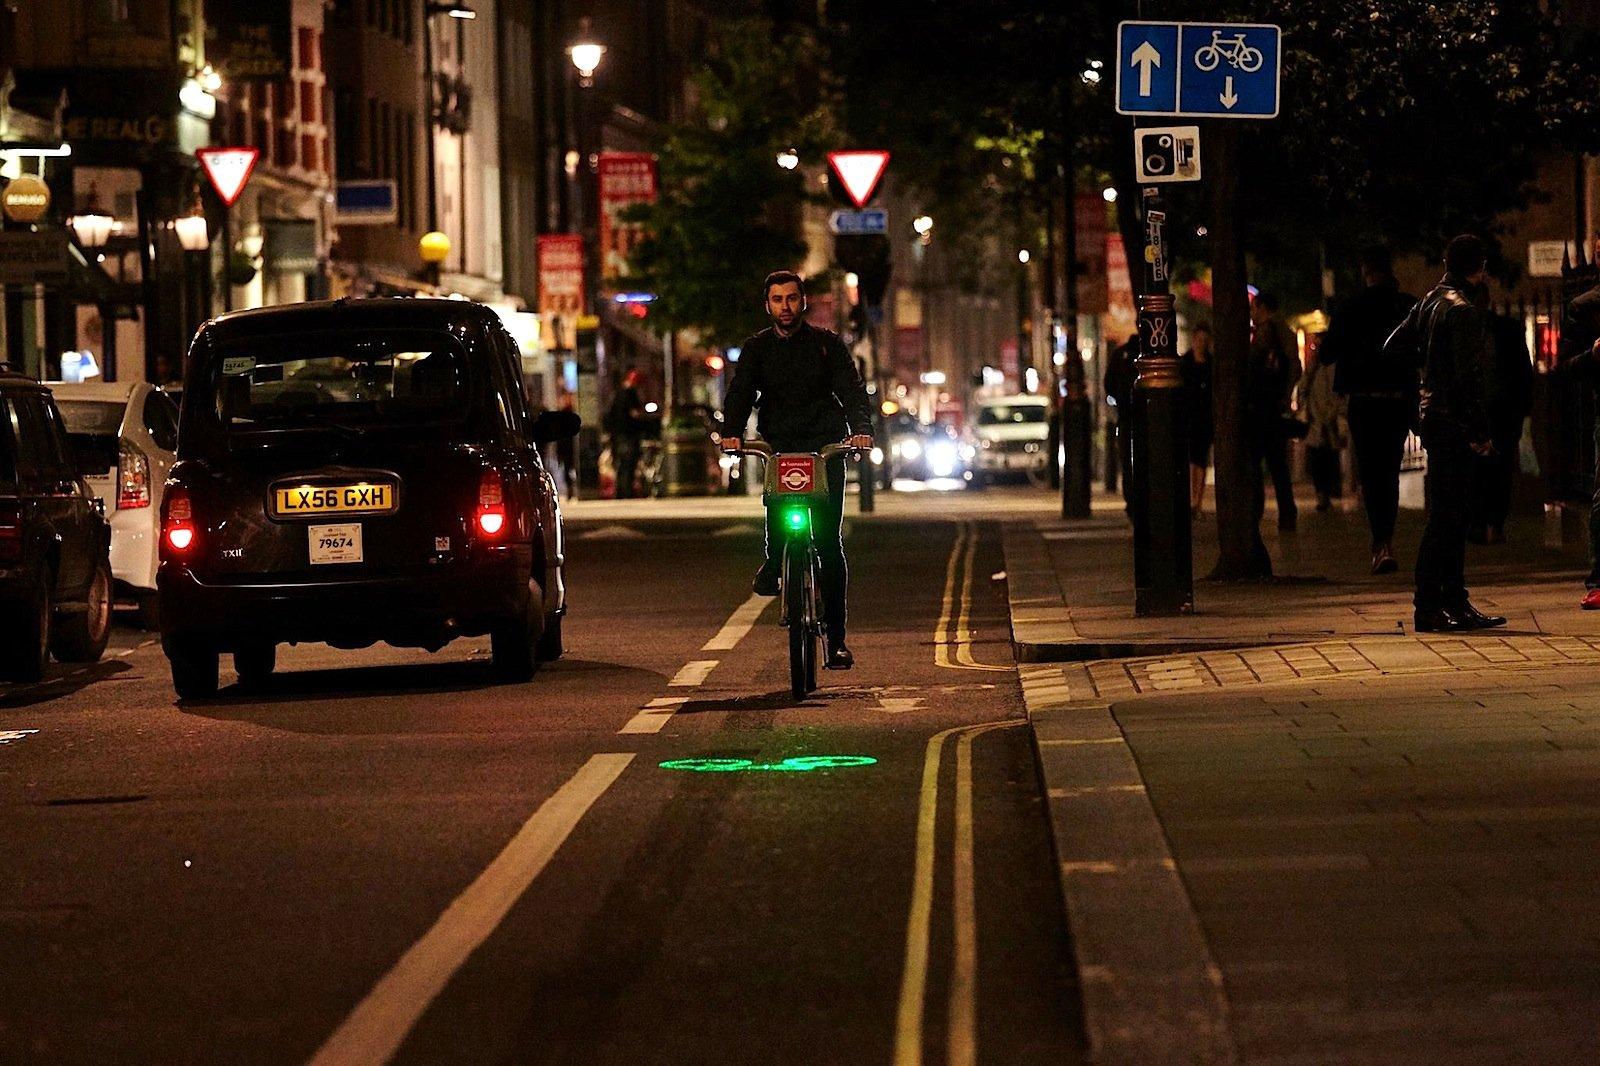 Doppelt hält besser: Vor allem im Dunkeln macht sich die Fahrradlampe von Blaze bezahlt: In ihr steckenein handelsübliches LED-Licht und ein Laserlicht.